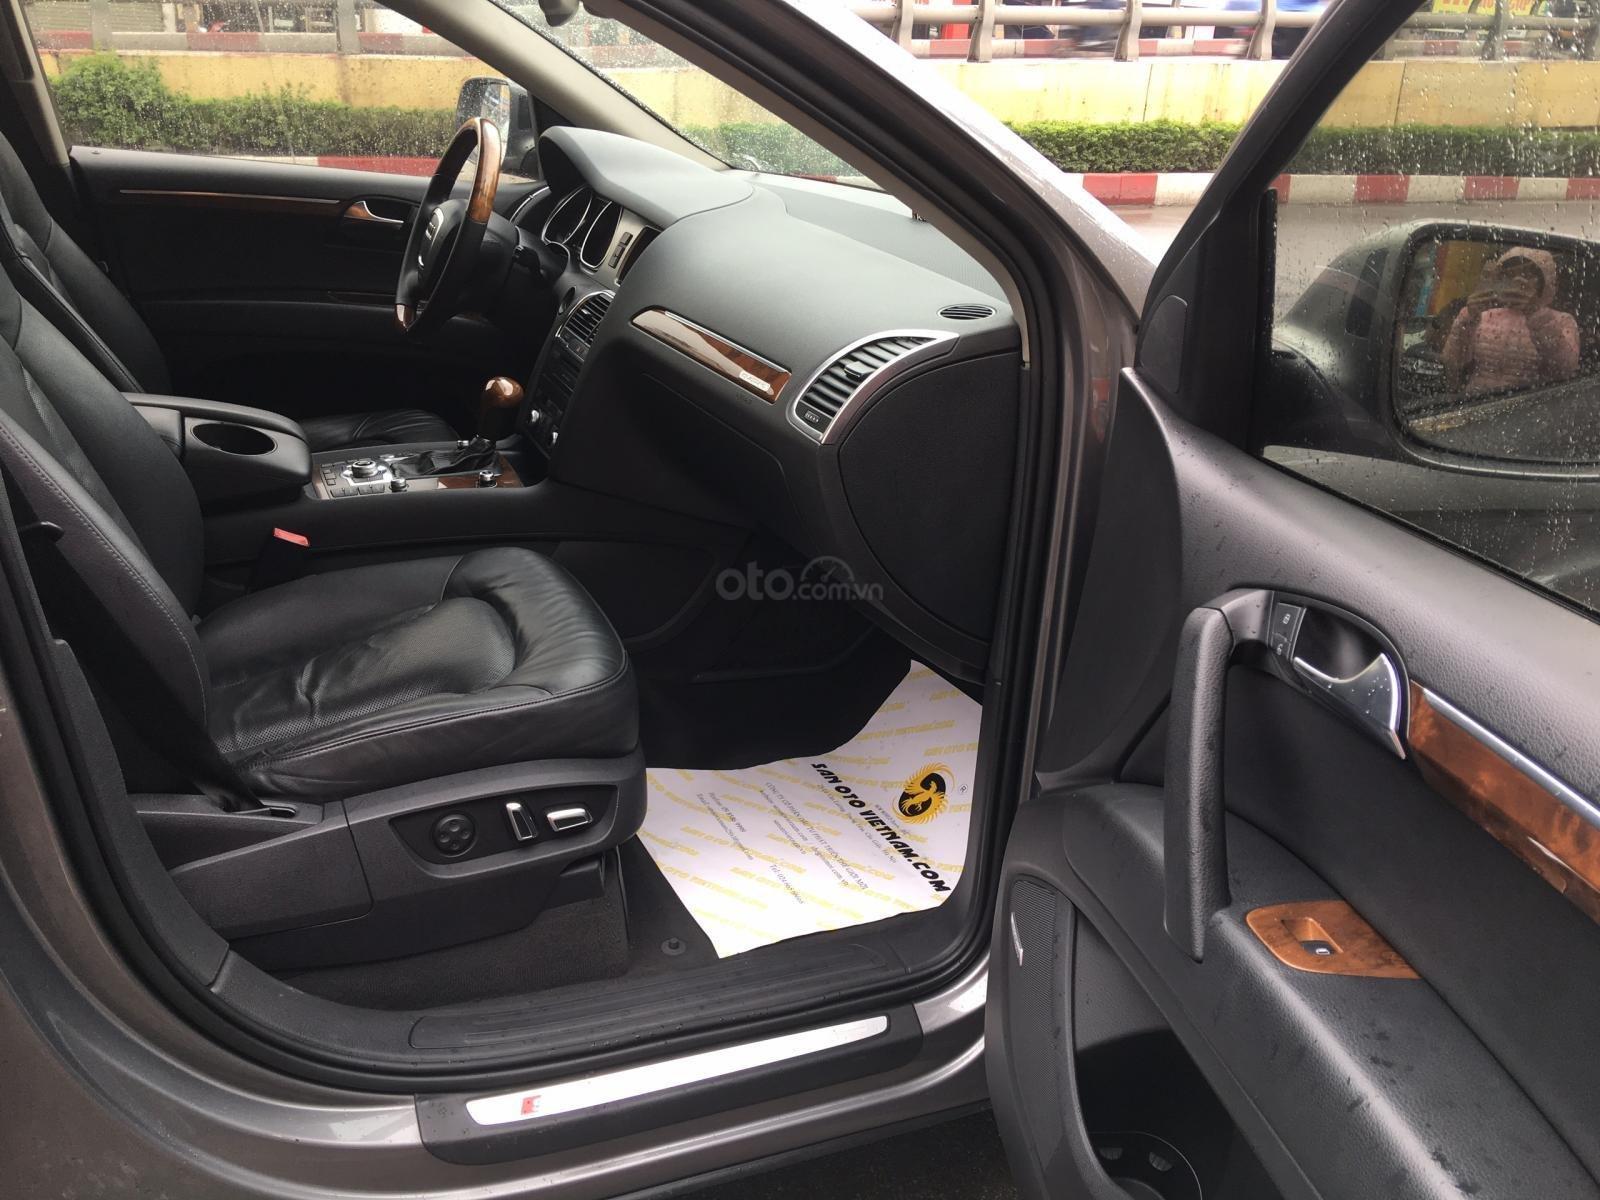 Cần bán xe Audi Q7 Sline nhập Mỹ 3.0 TFSI 2011 như model 2014-9